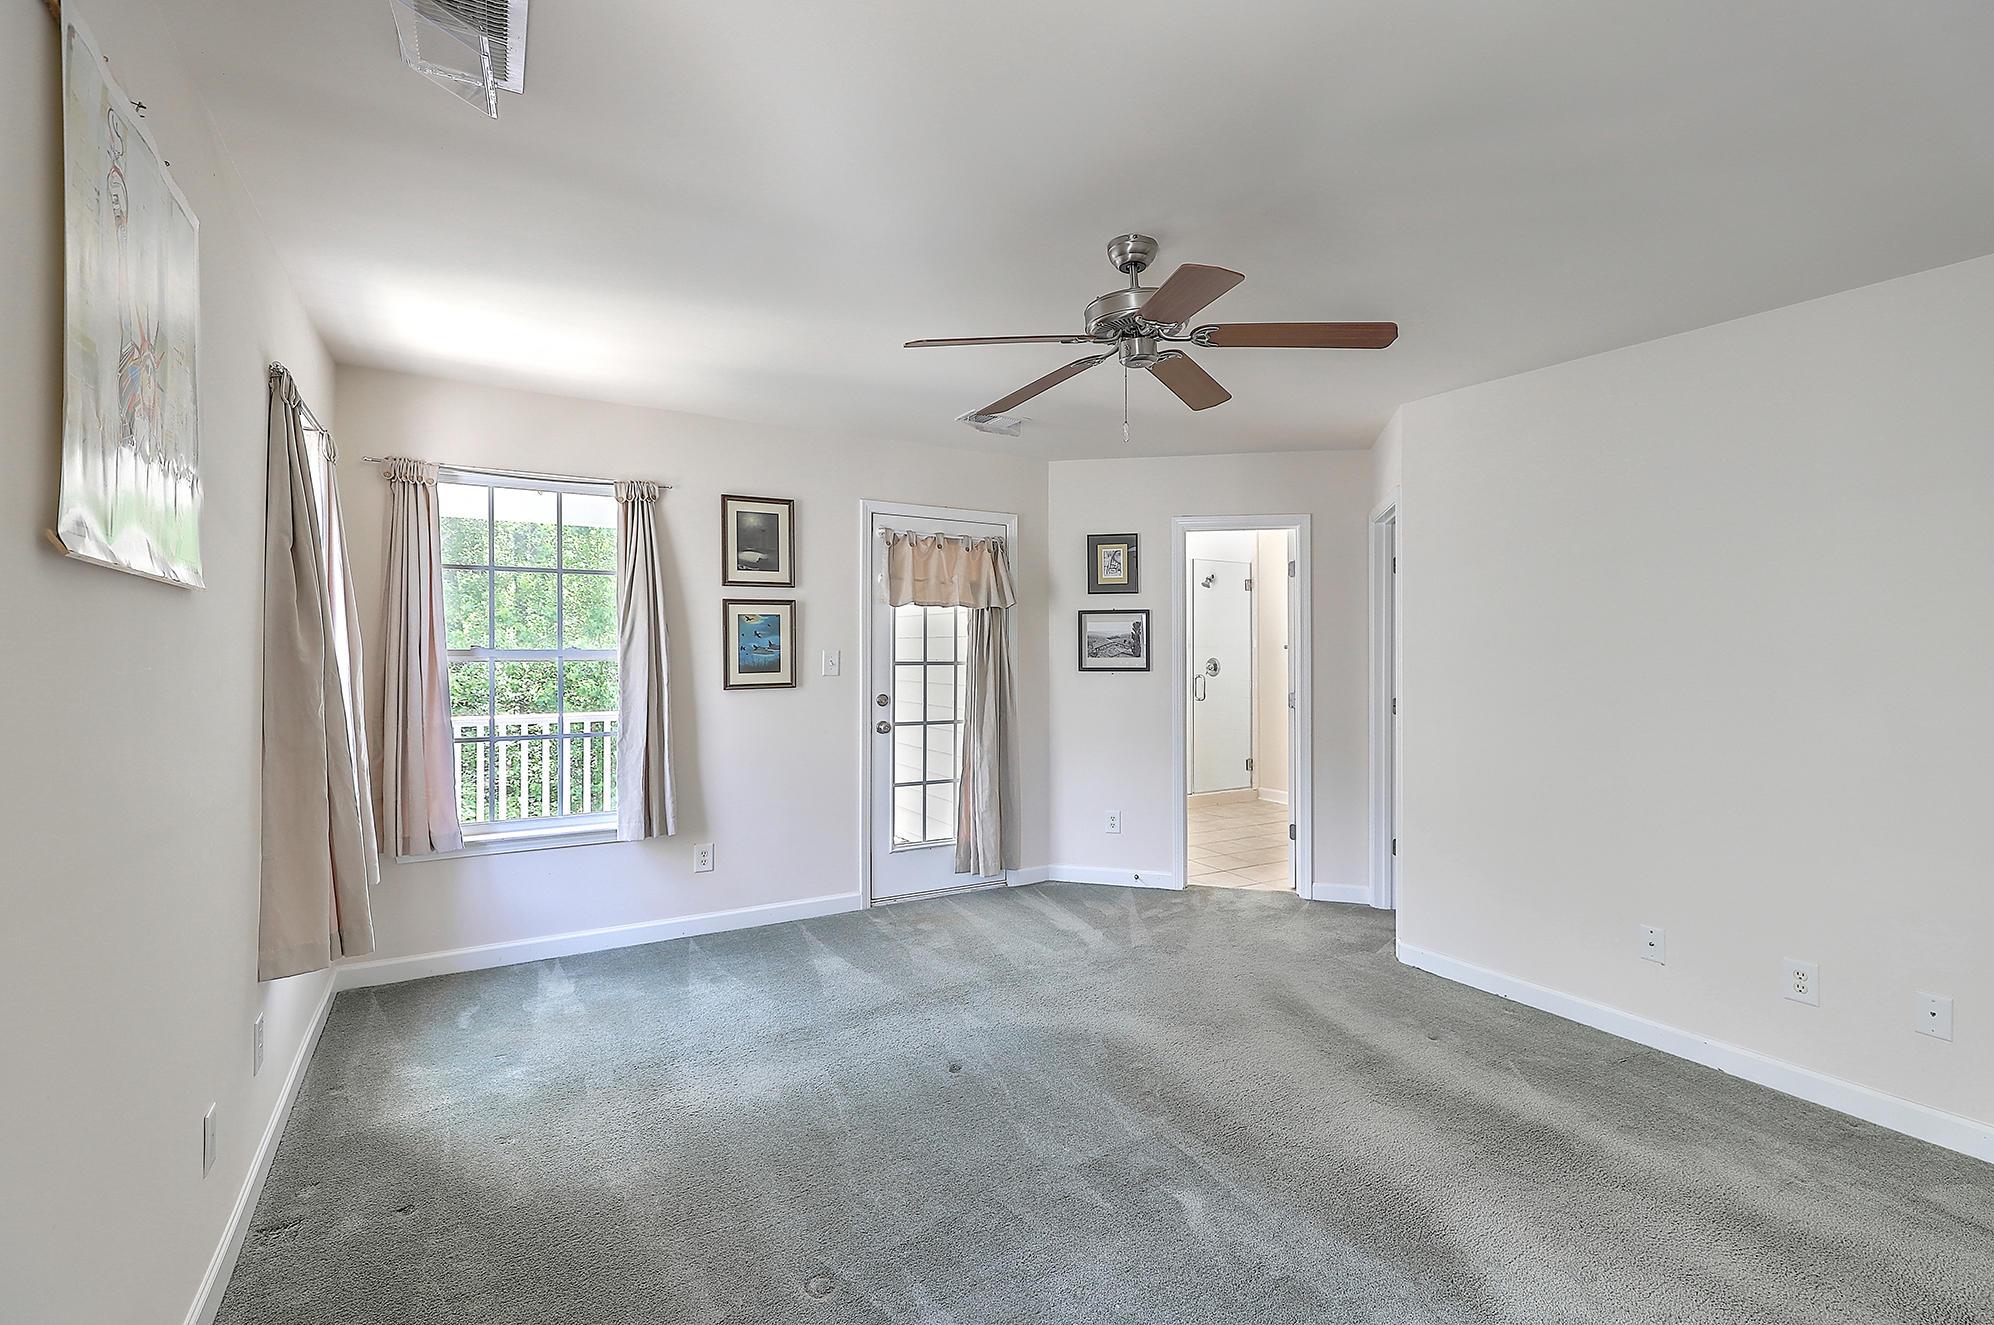 Kensington at Park West Homes For Sale - 3521 Claremont, Mount Pleasant, SC - 29